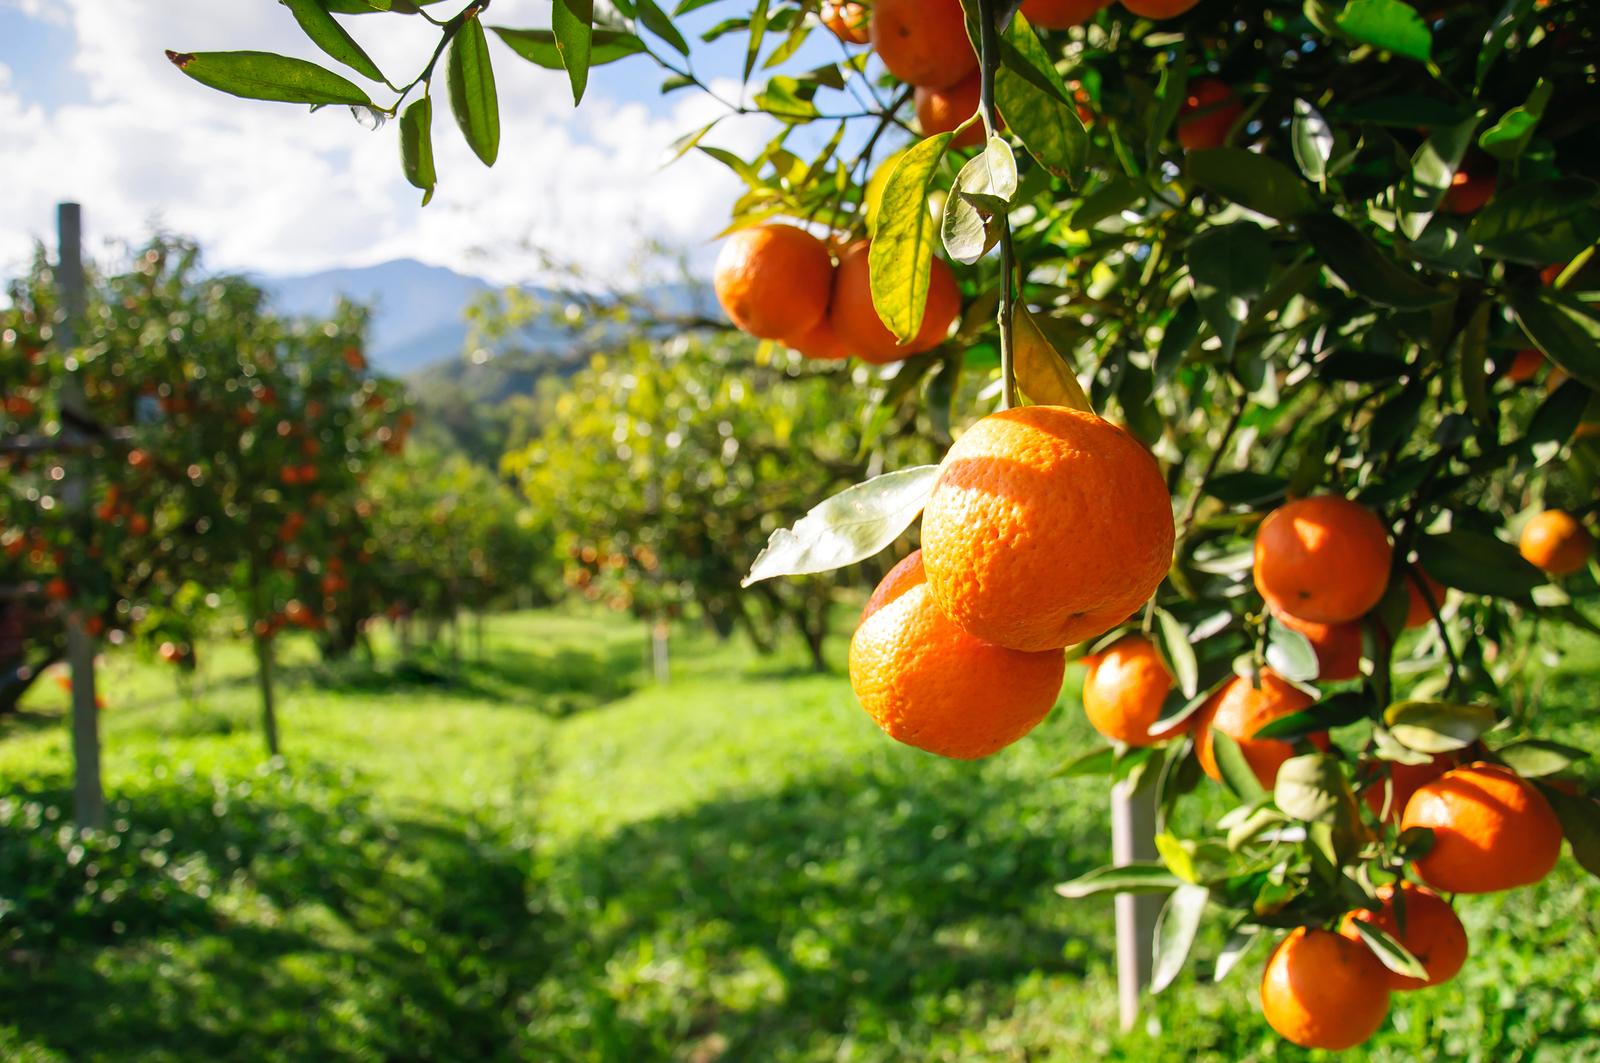 покровы фрукты растут на деревьях картинки вещи купишь почте